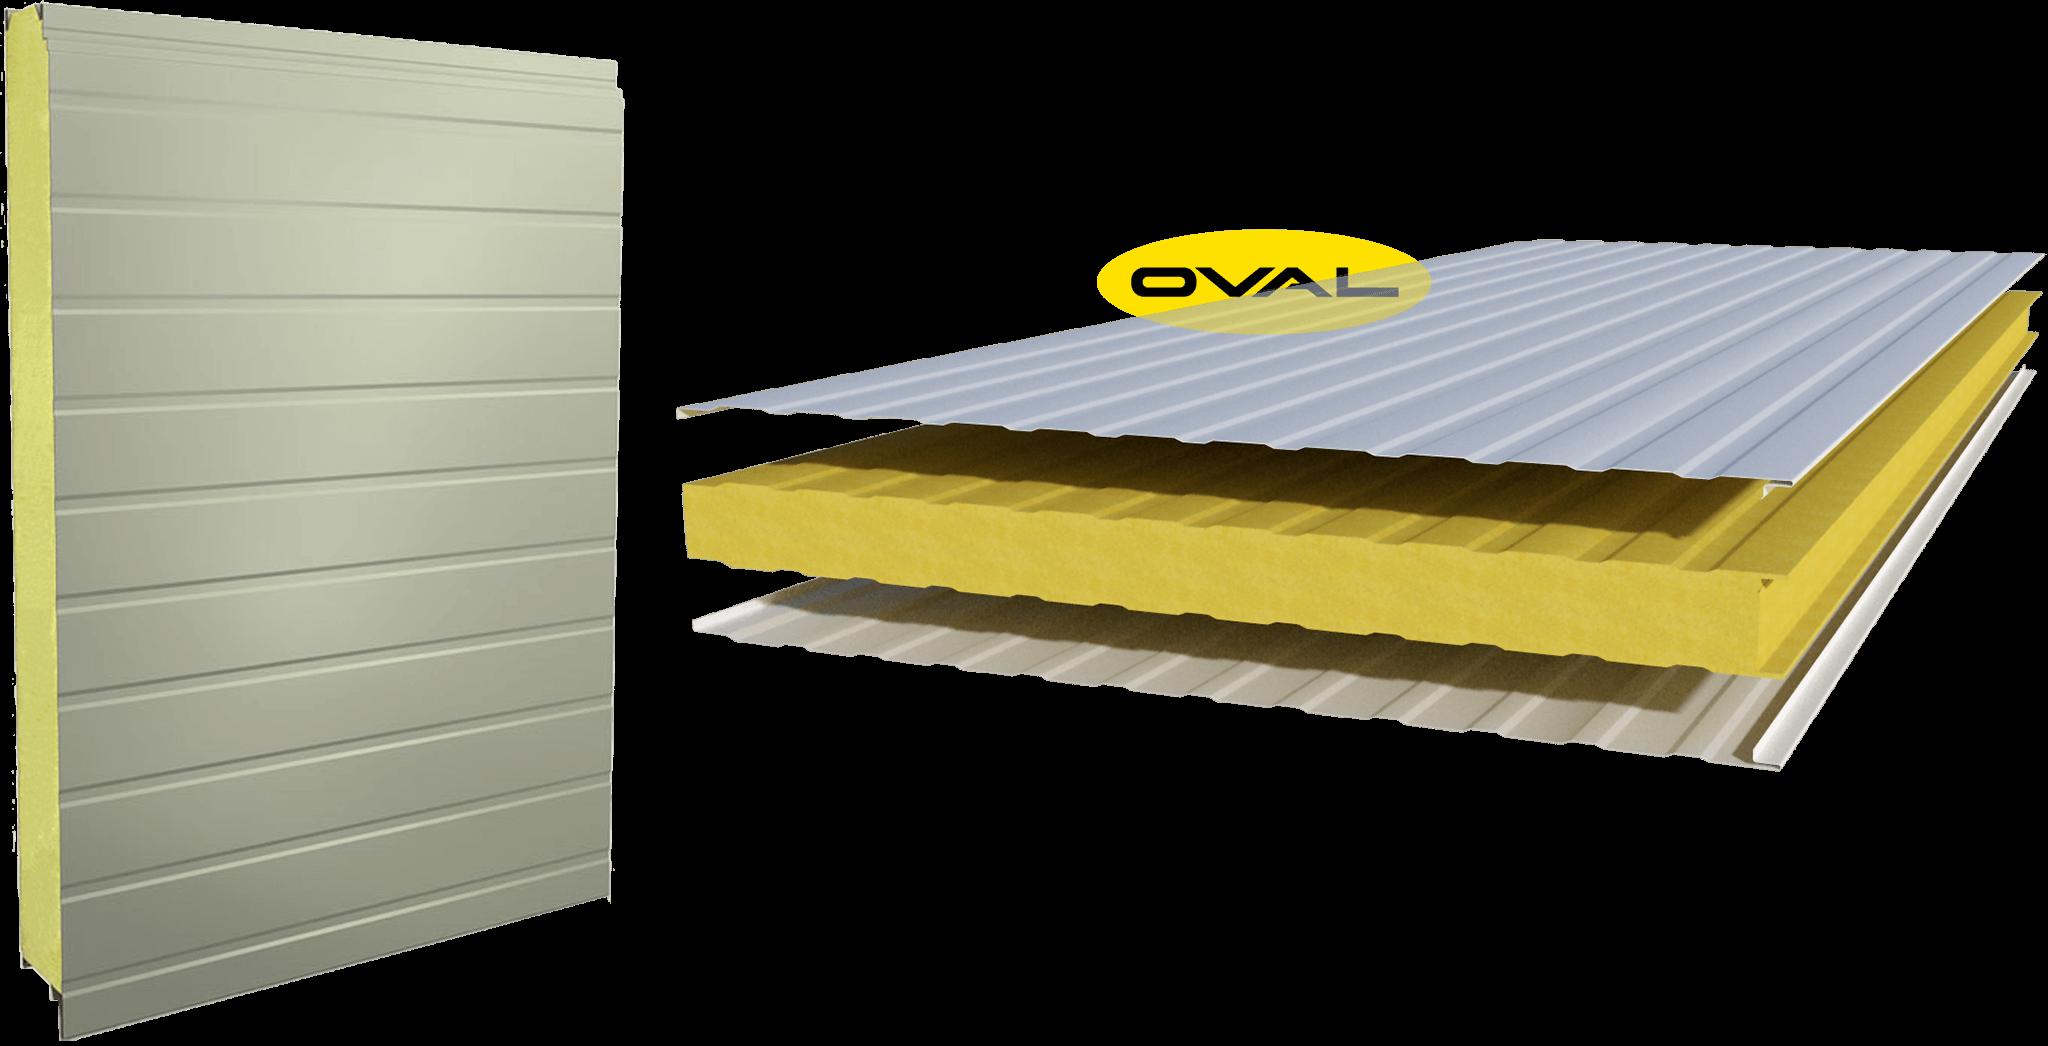 Tấm Panel PU chất lượng cao sản xuất bởi công ty Oval Việt Nam